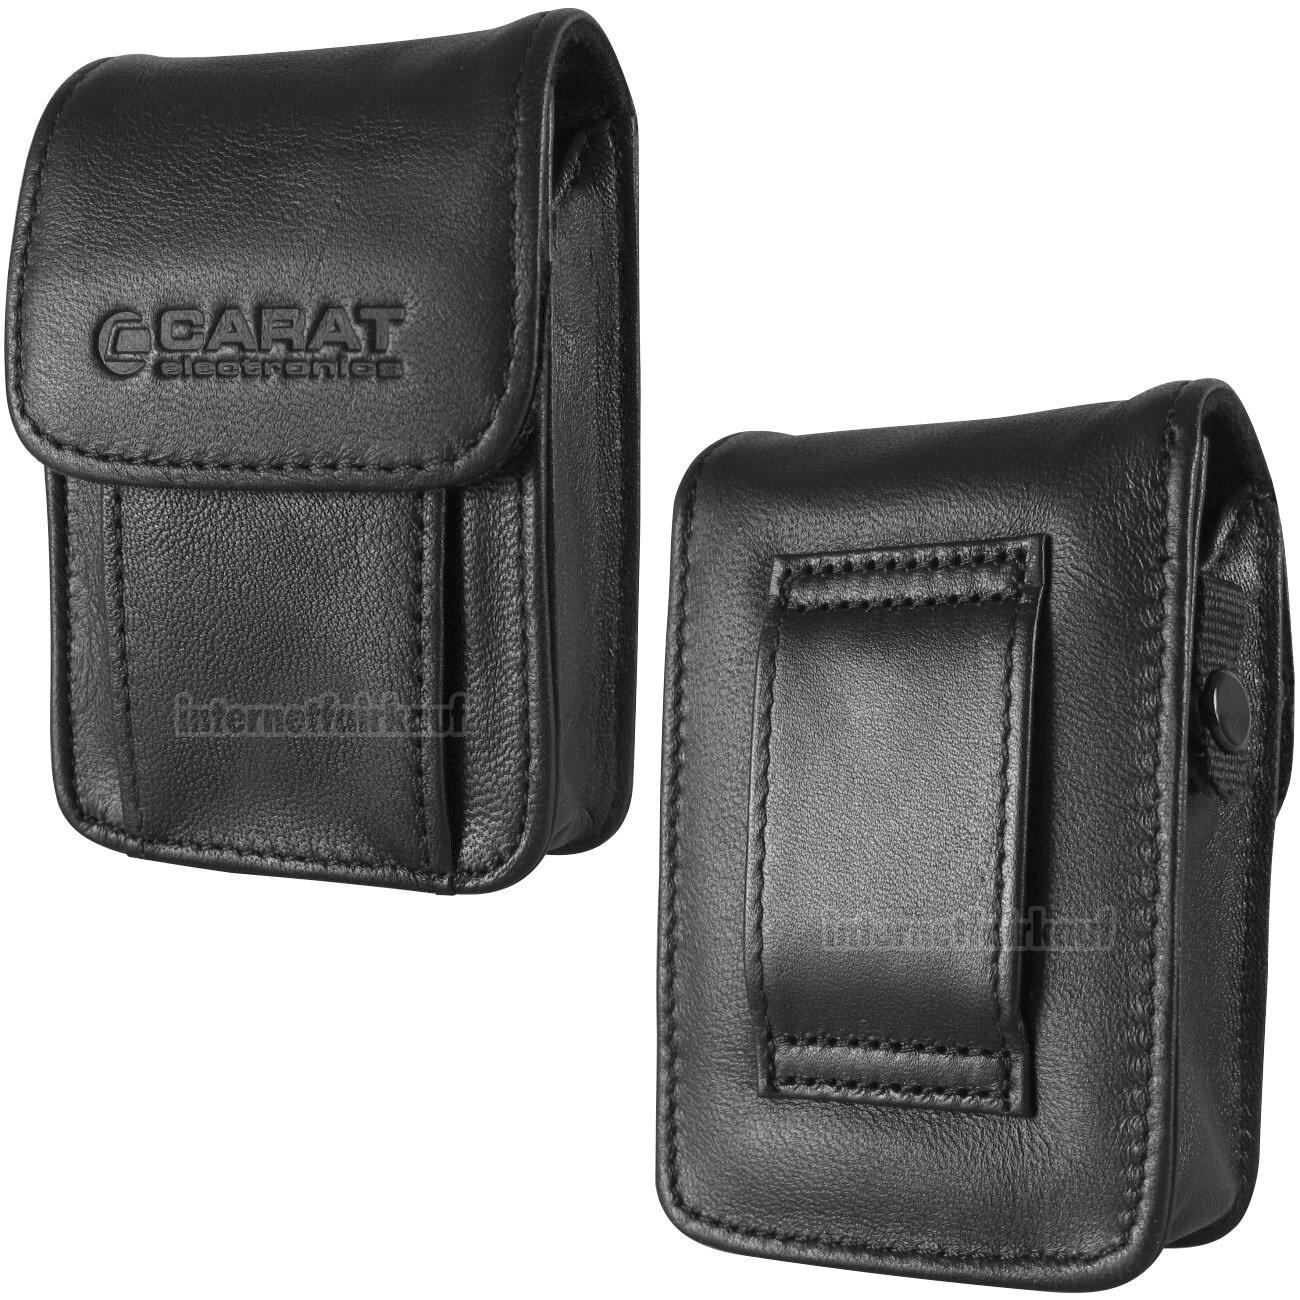 Tasche Kameratasche passend für Nikon Coolpix S7000 S6900 - Leder Etui